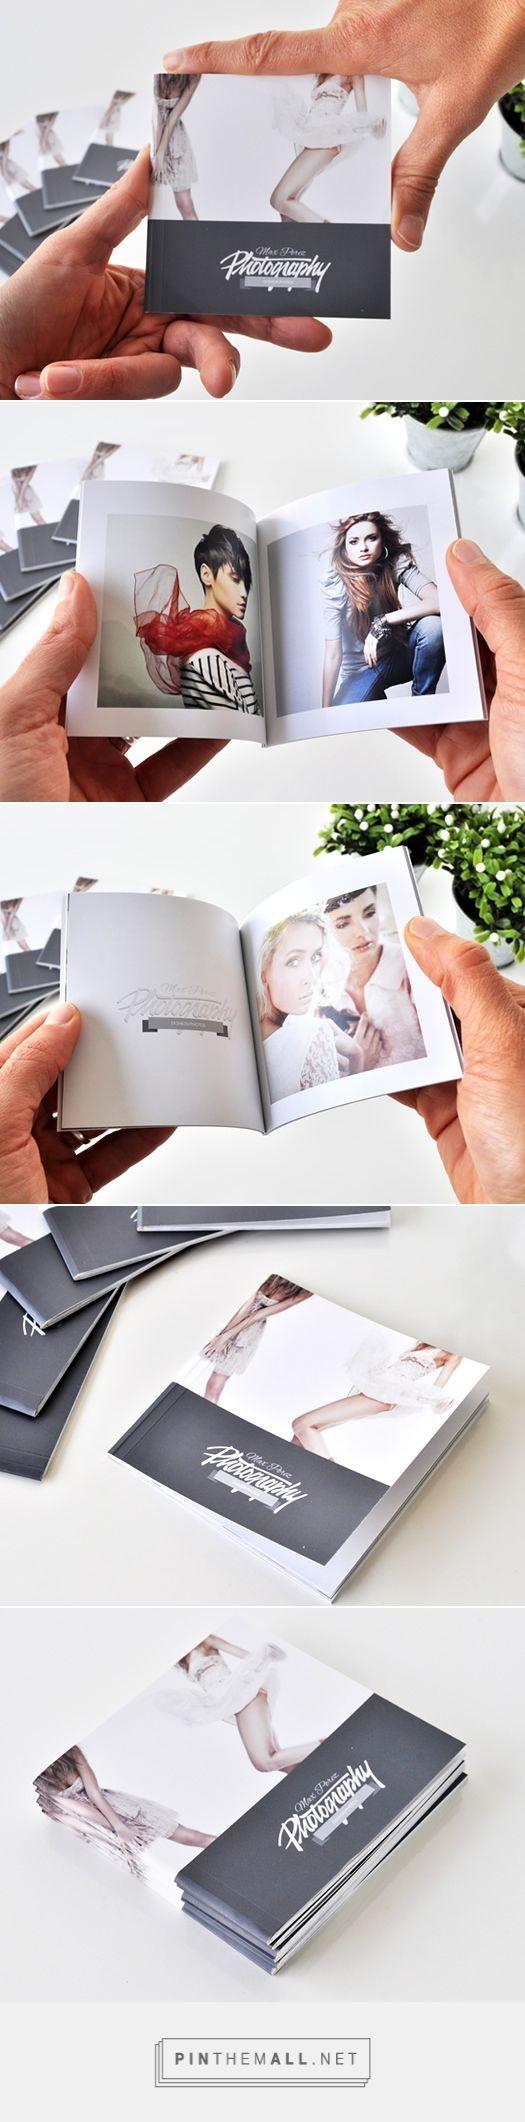 Mni portfolios oportunidad comercial para fotógrafos. Formato 10x10, con 22 páginas de base y tapa blanda, en packs de 12 unidades | Fotolibros y Photobooks Premium - Fábrica de Fotolibros